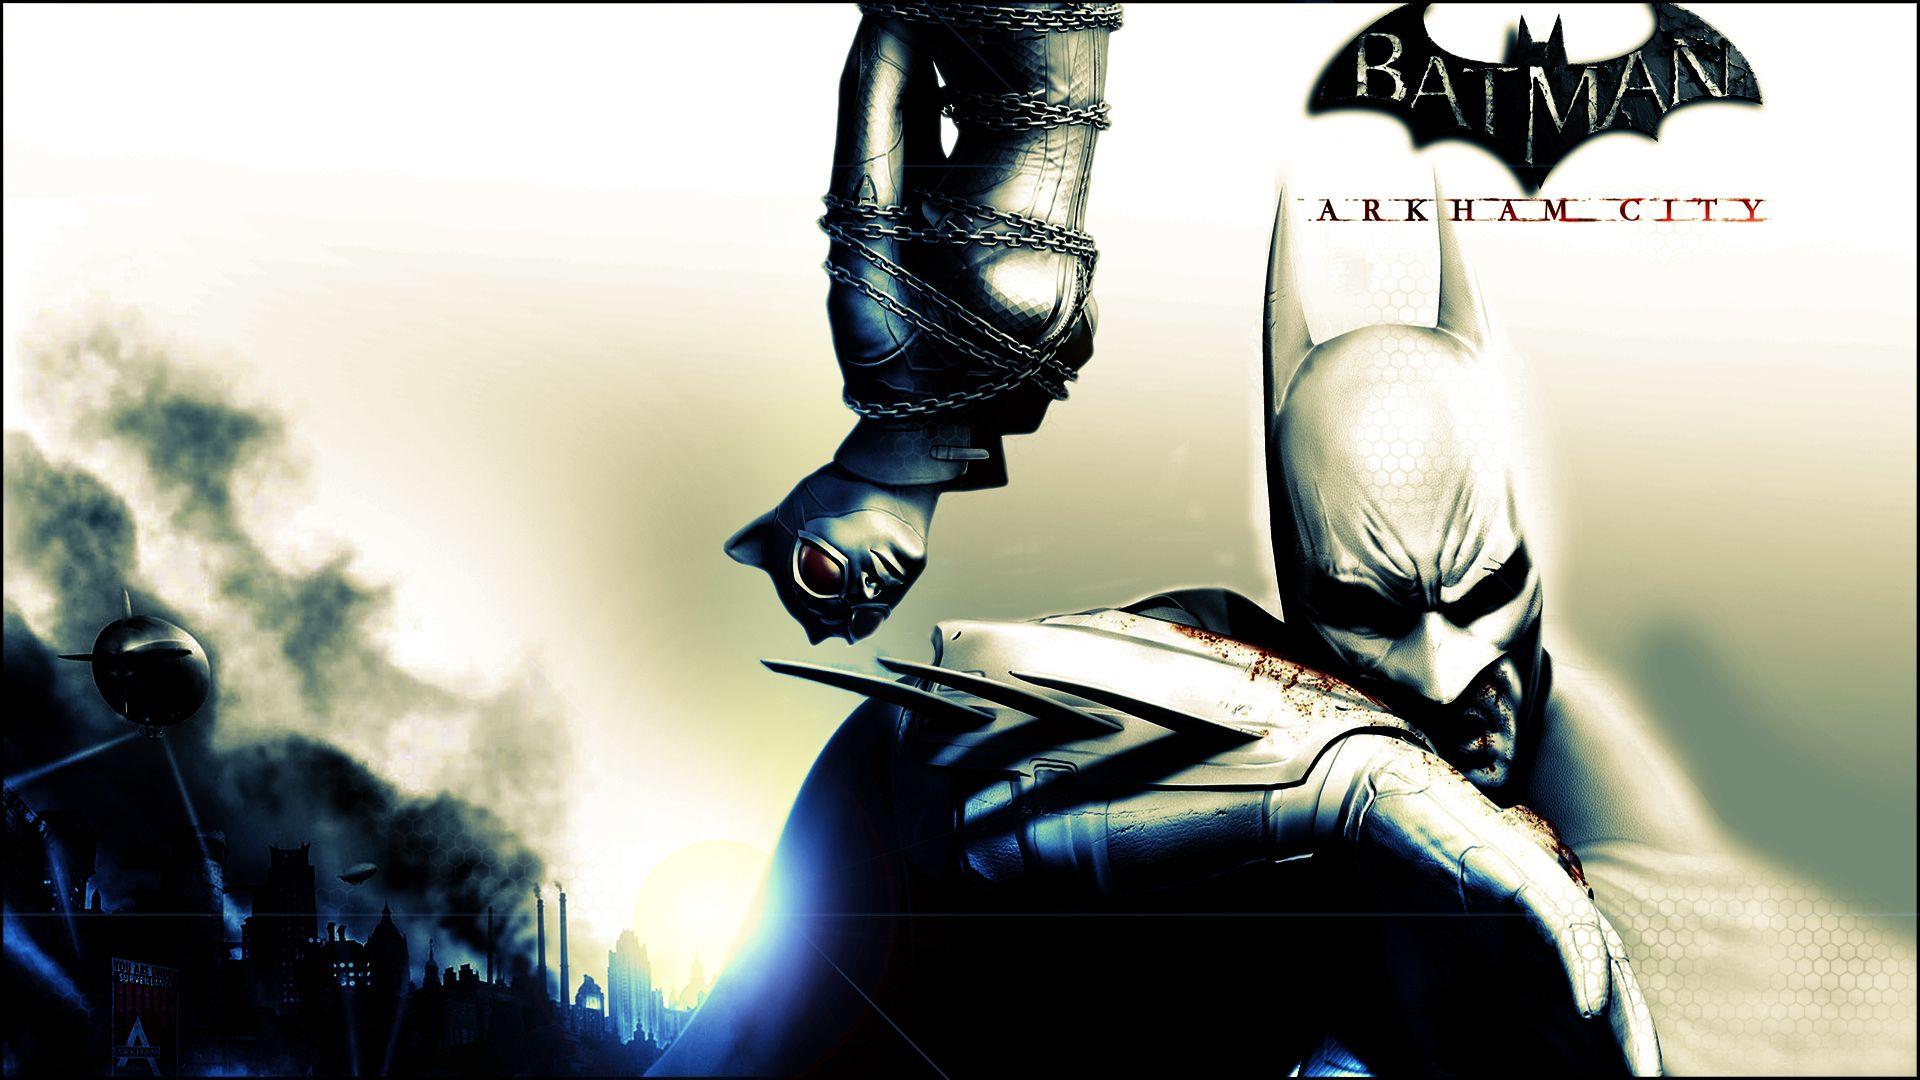 Batman Arkham City Wallpaper 1080P 1920x1080